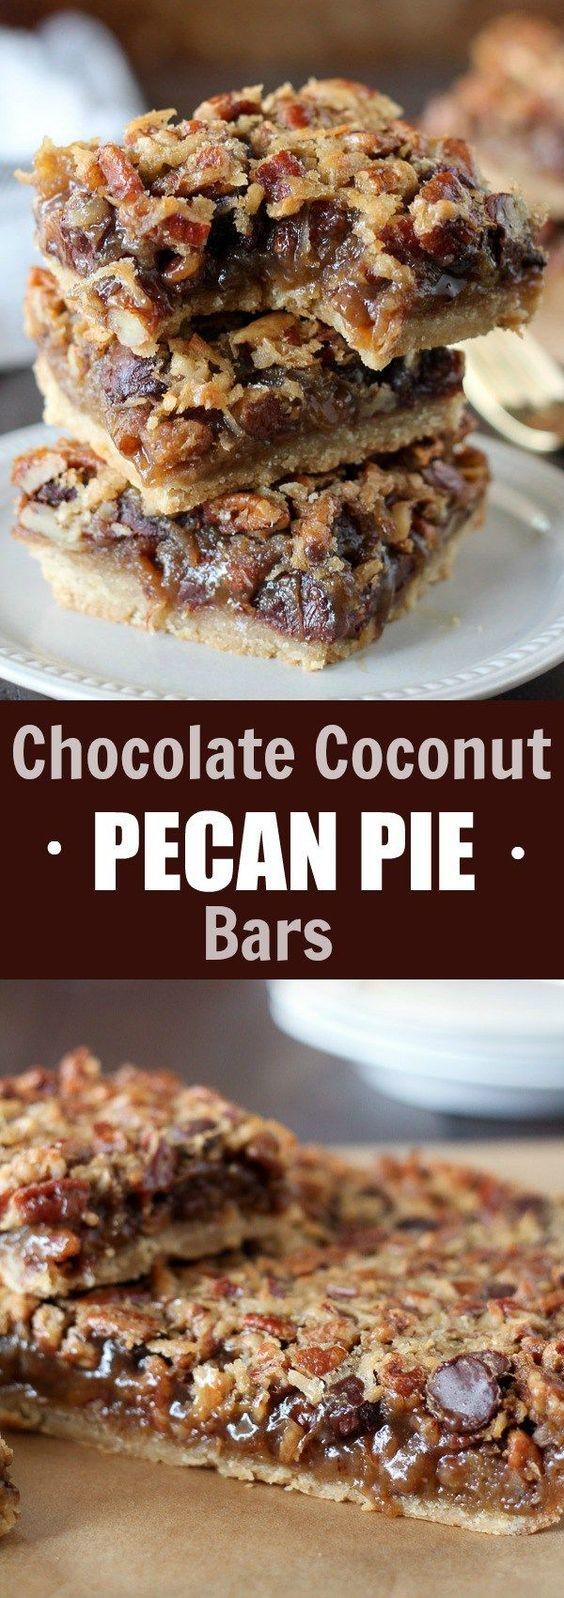 Chocolate Coconut Pecan Pie Bars - A brown sugar shortbread crust ...